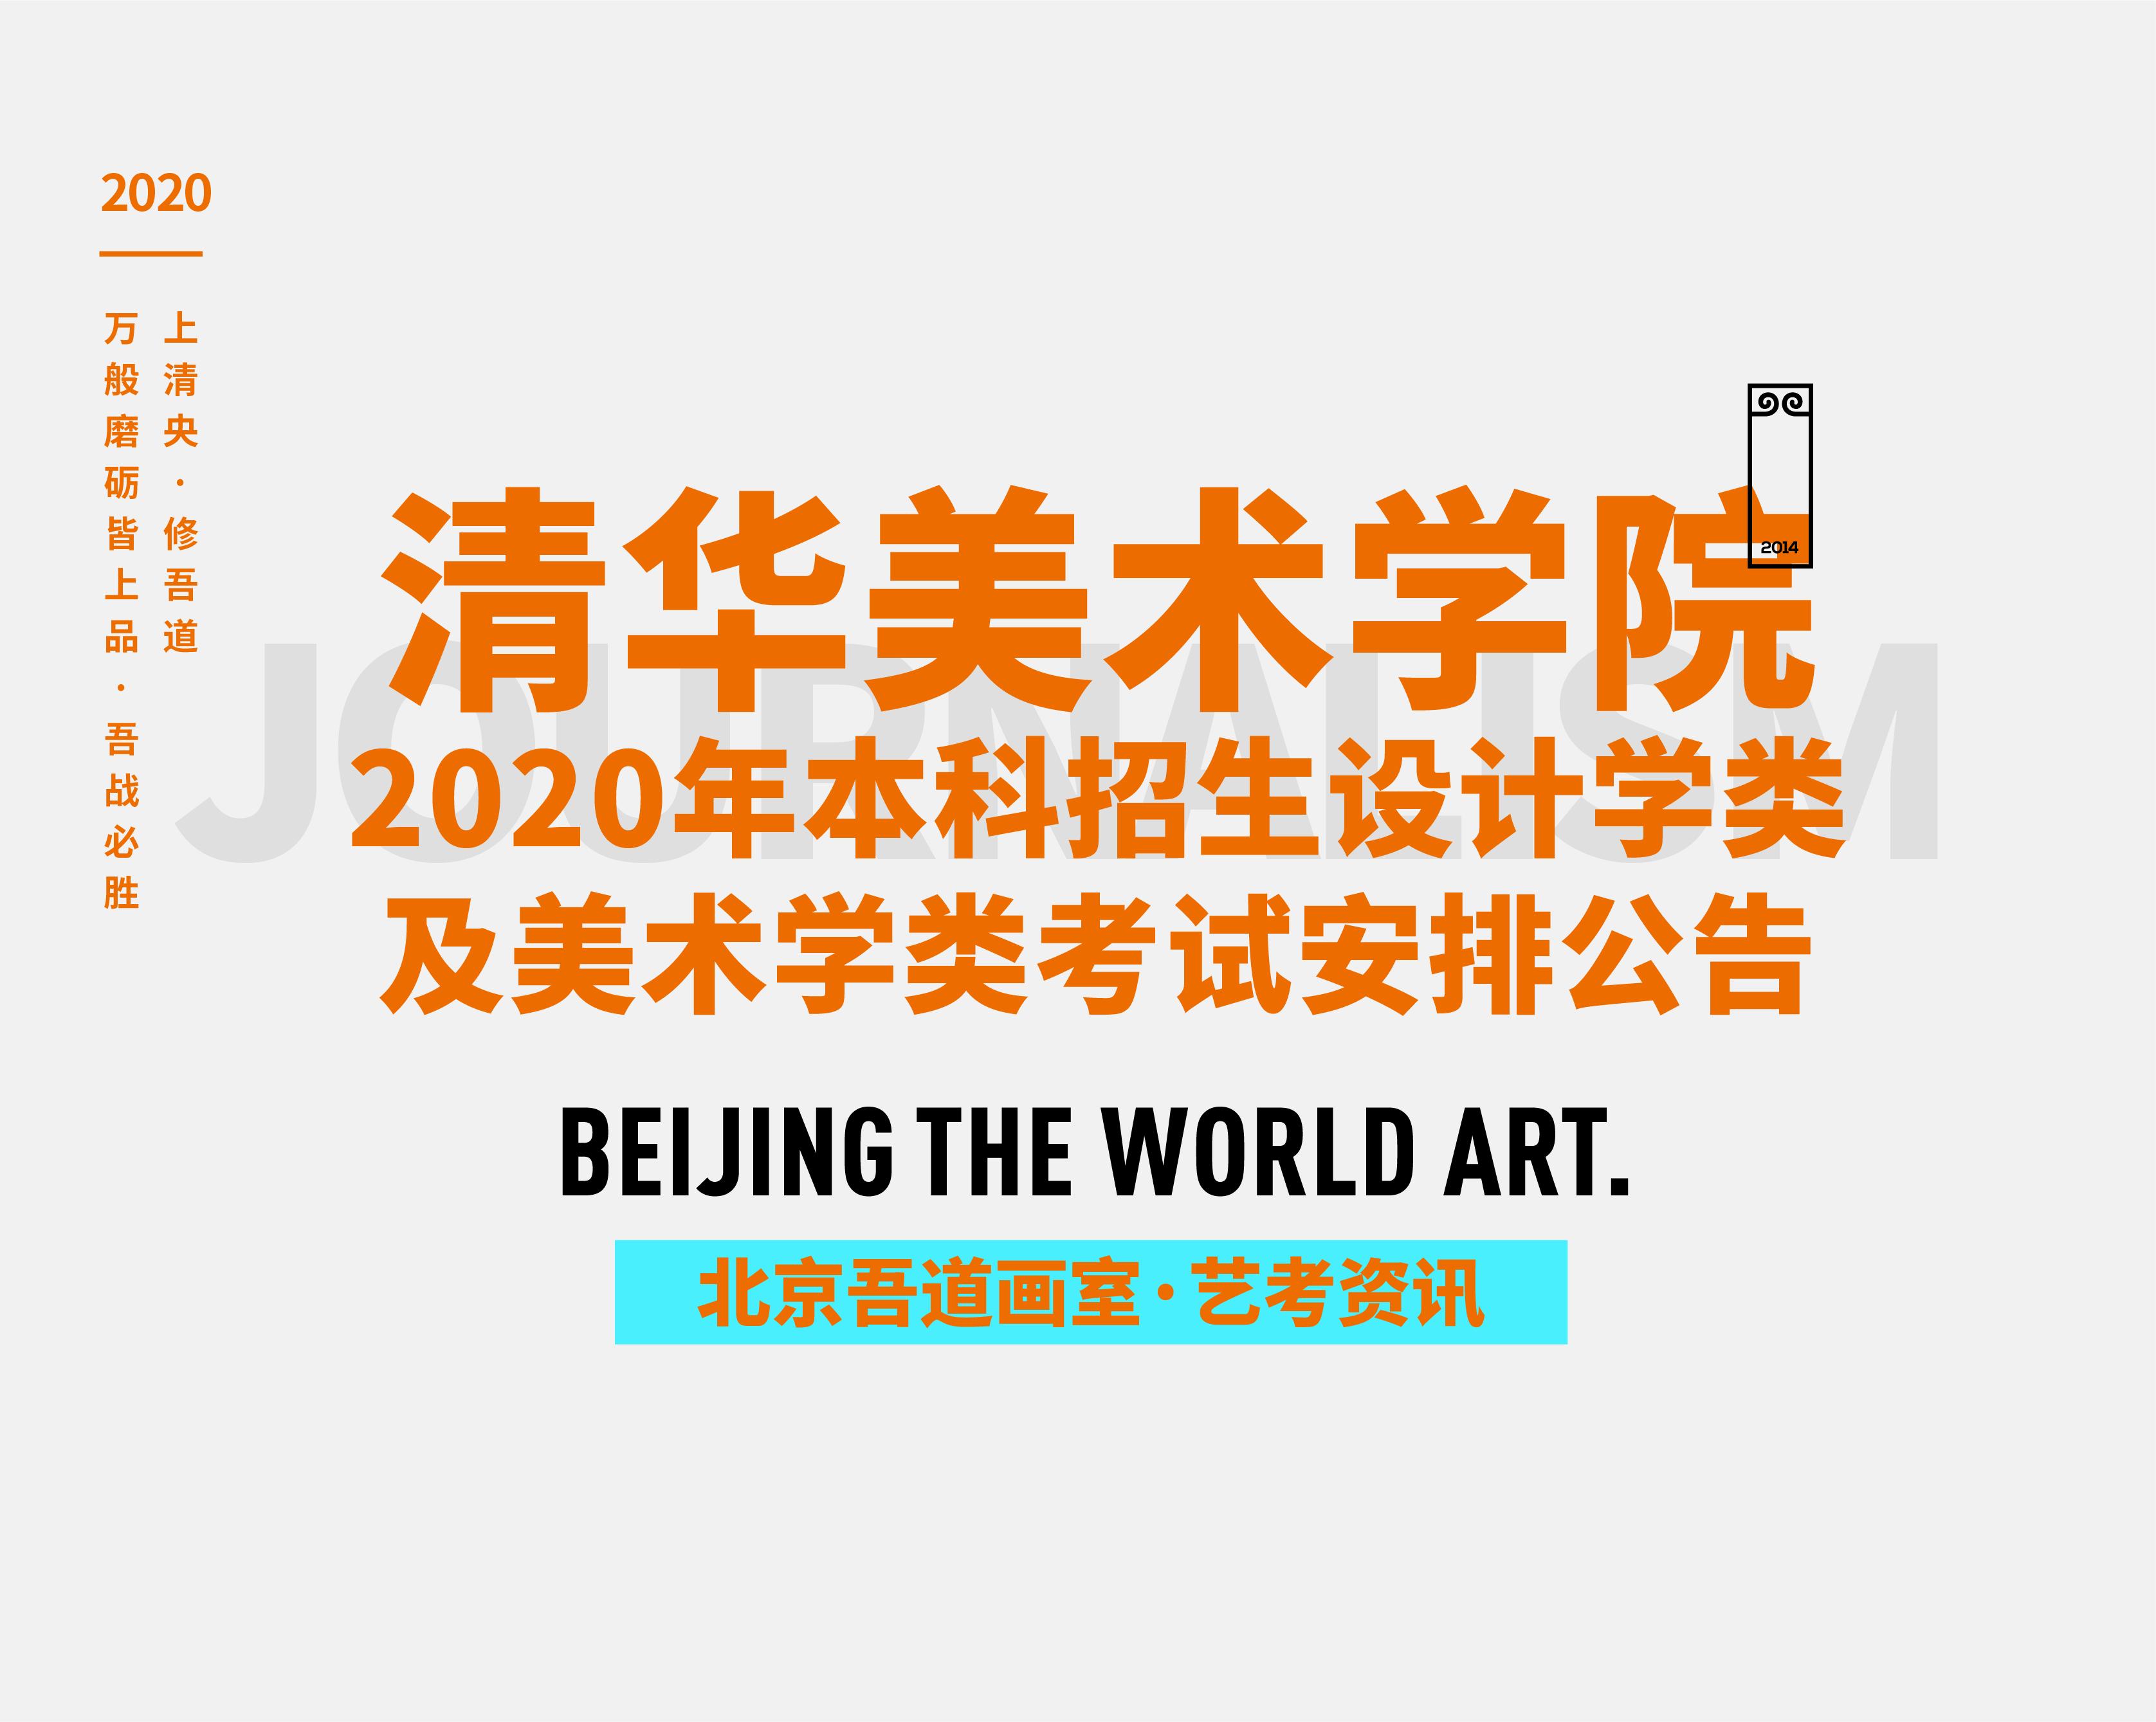 清华大学美术学院2020年本科招生设计学类及美术学类考试安排公告